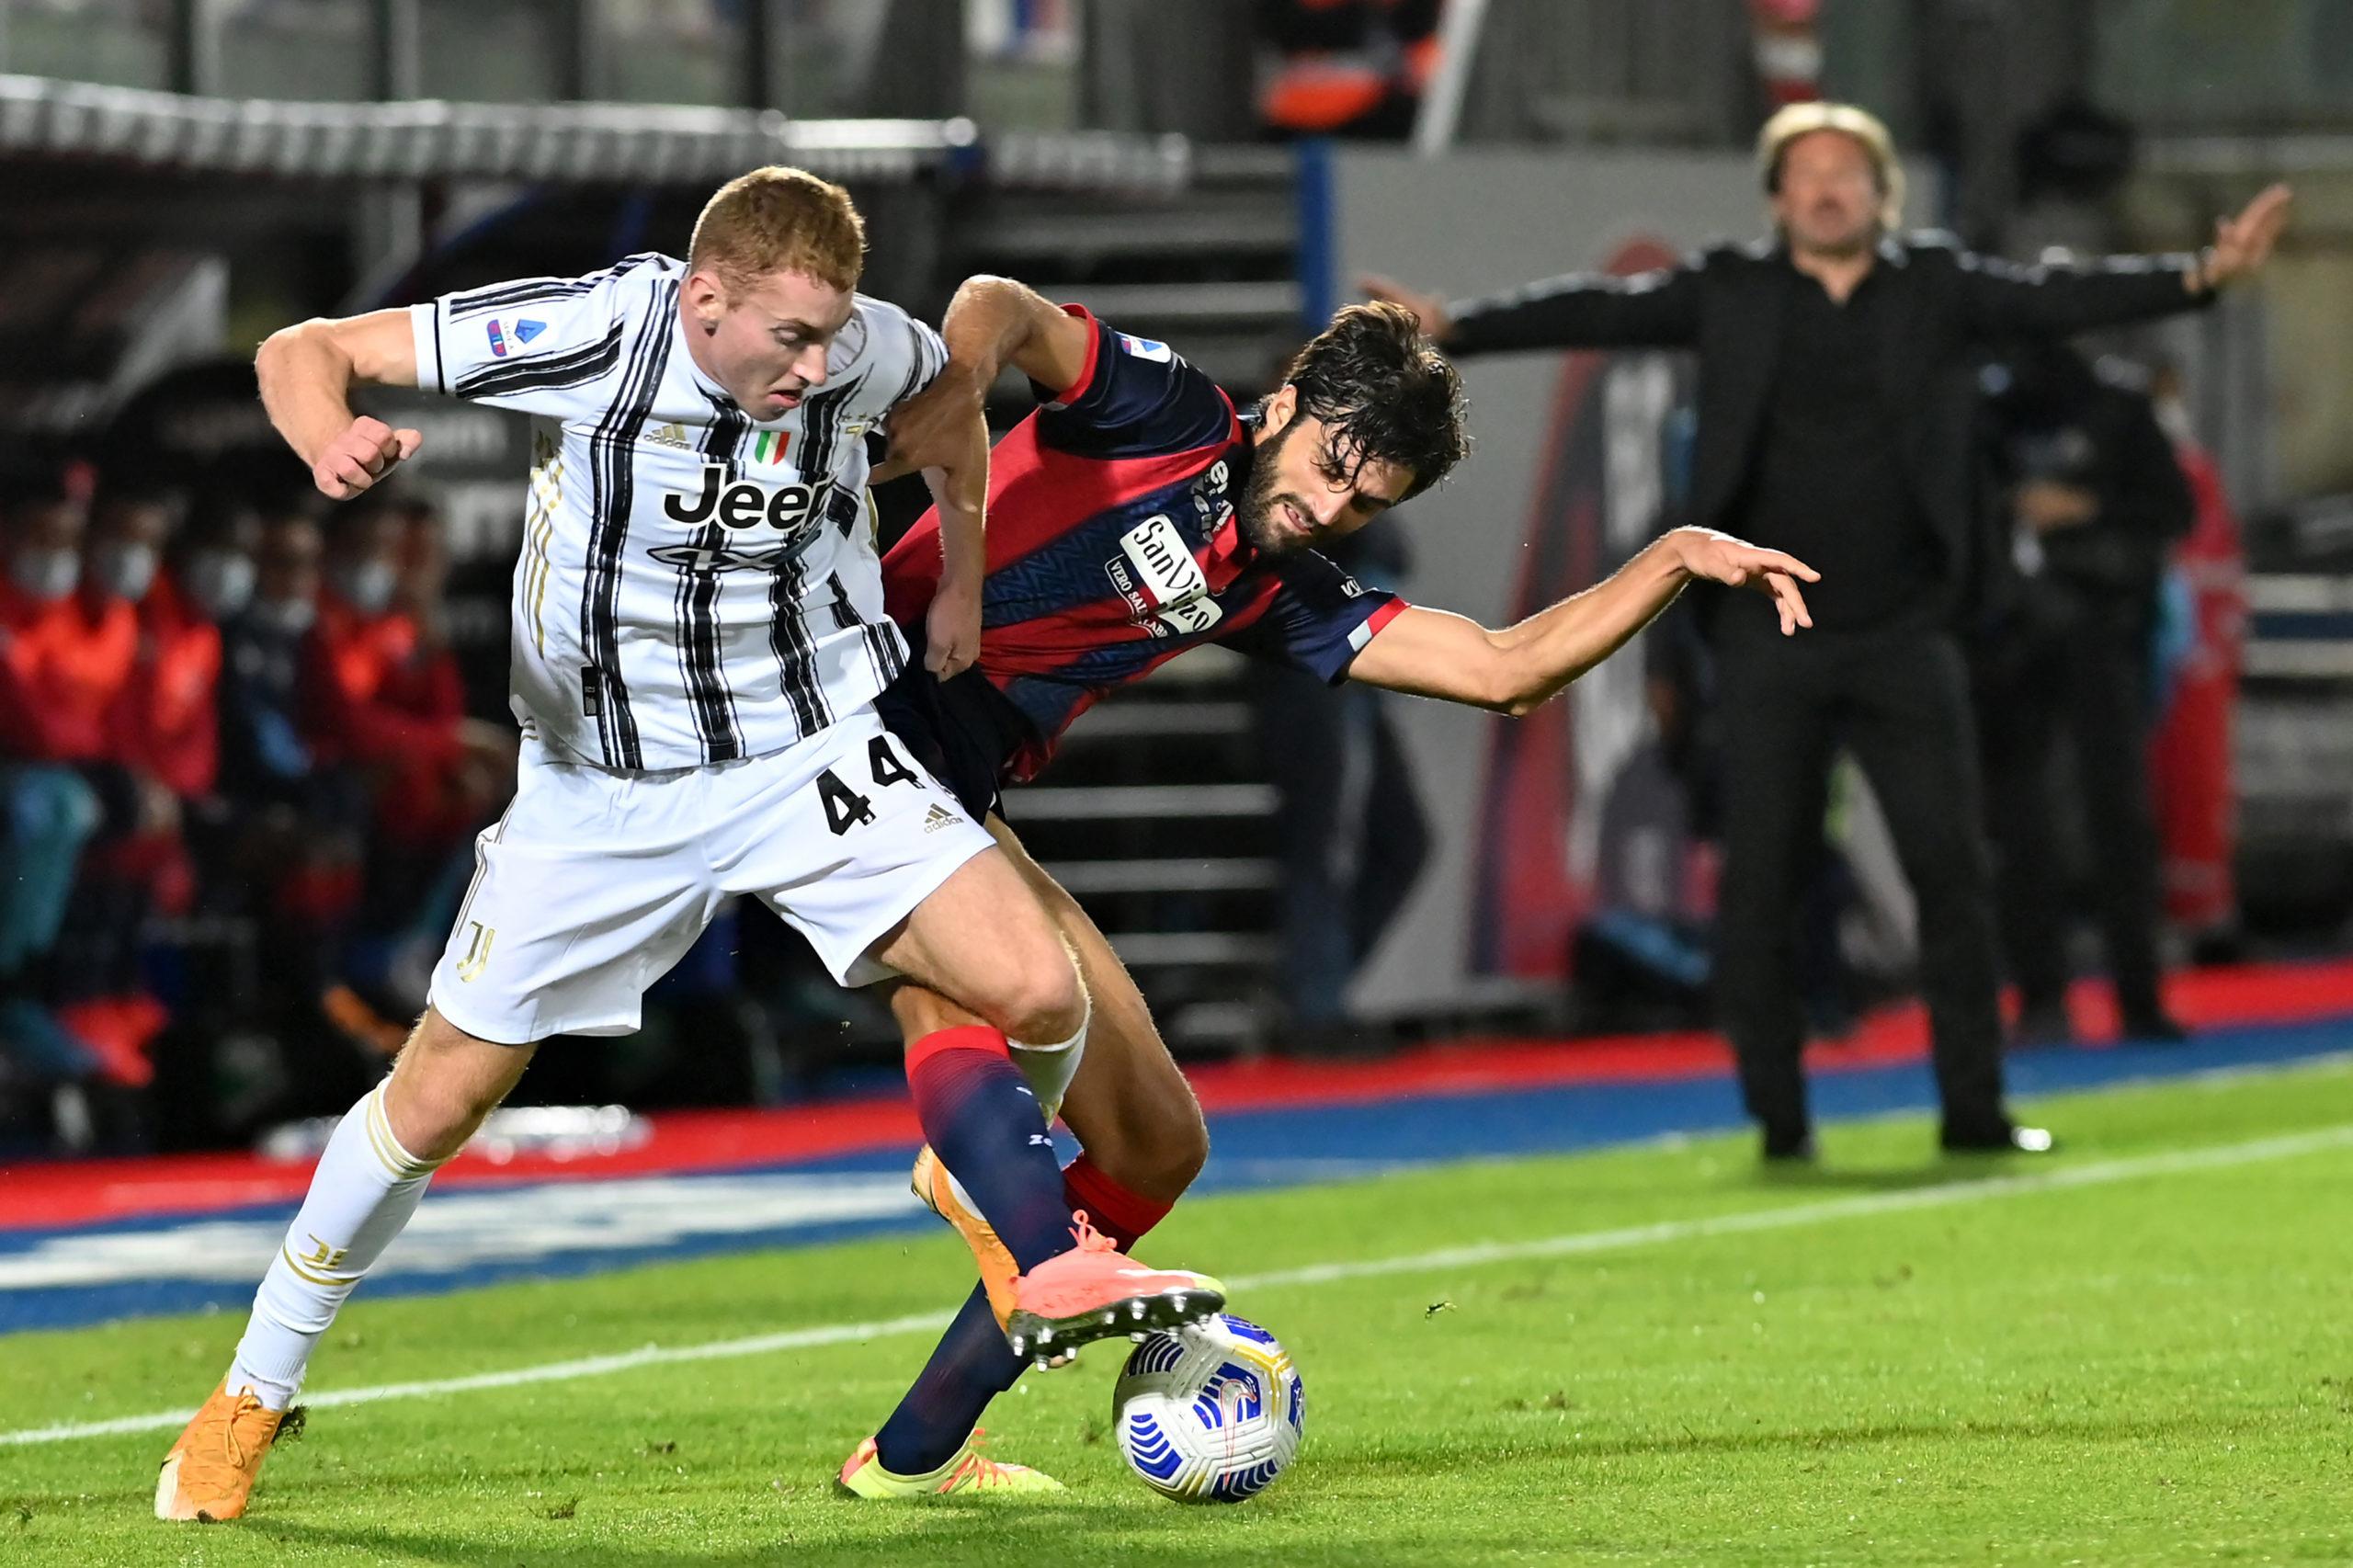 Serie A, Crotone-Juventus 1-1. I bianconeri non vanno oltre il pareggio |  Pagine Romaniste